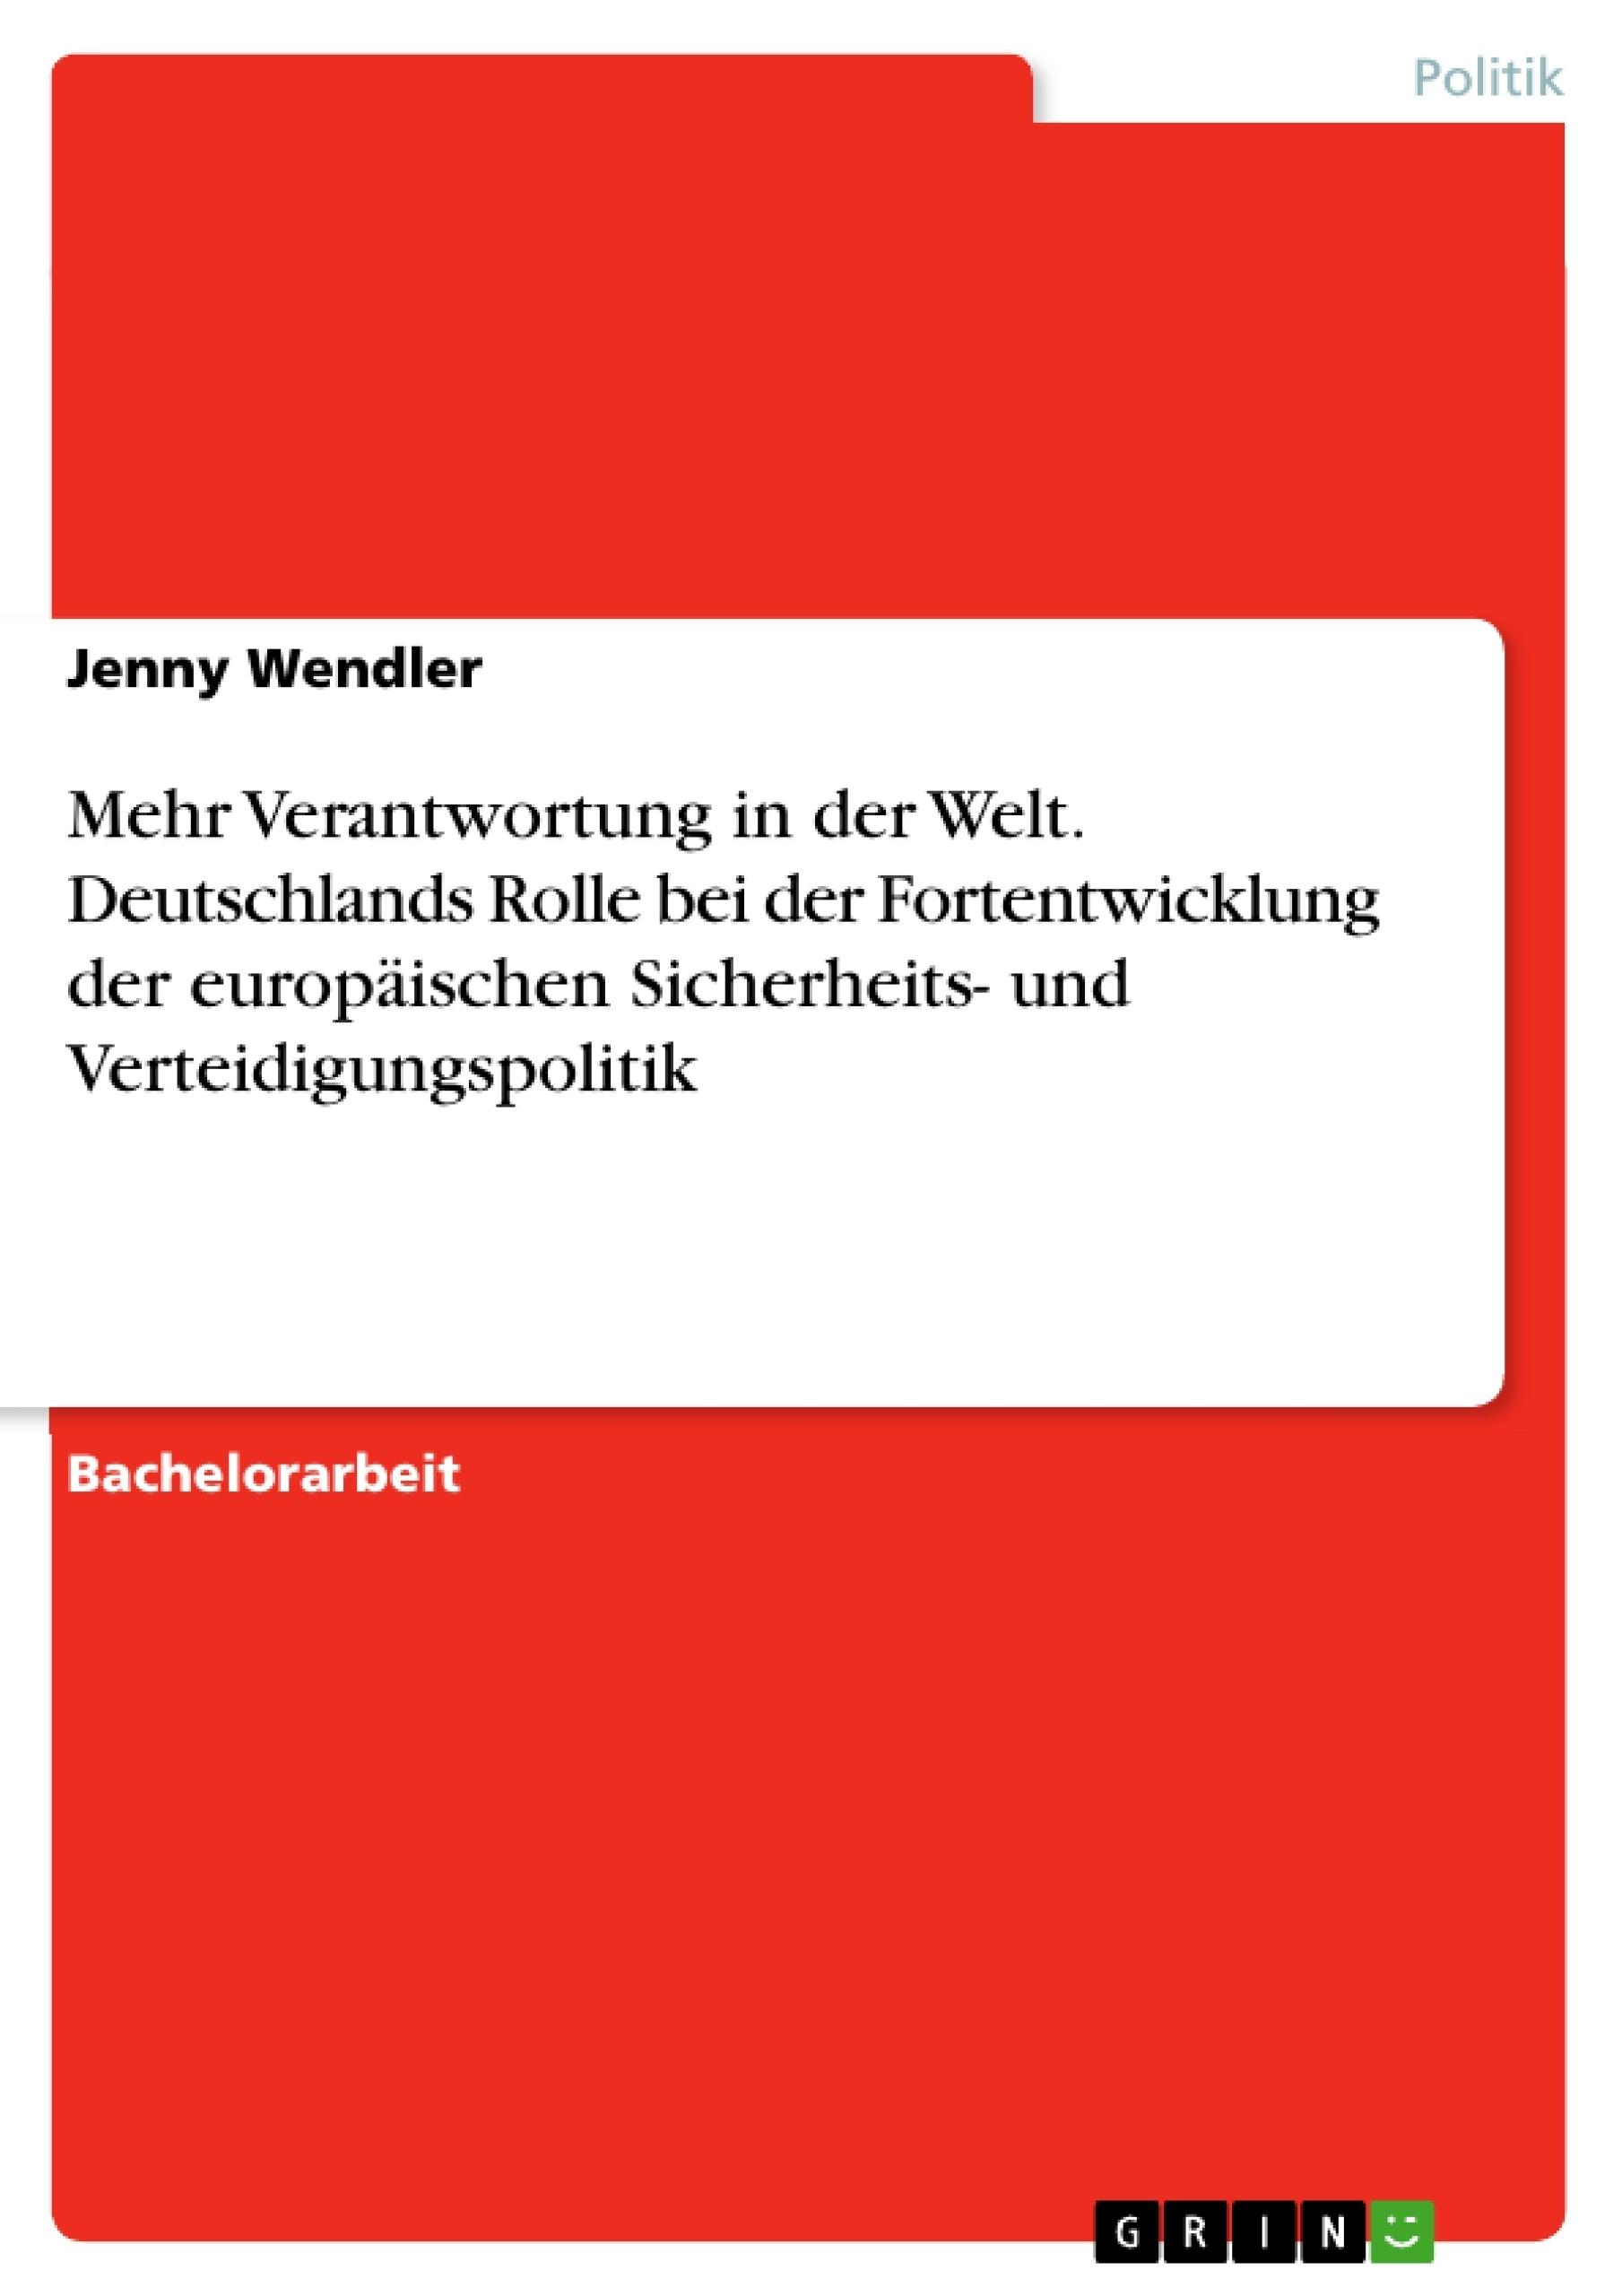 Titel: Mehr Verantwortung in der Welt. Deutschlands Rolle bei der Fortentwicklung der europäischen Sicherheits- und Verteidigungspolitik